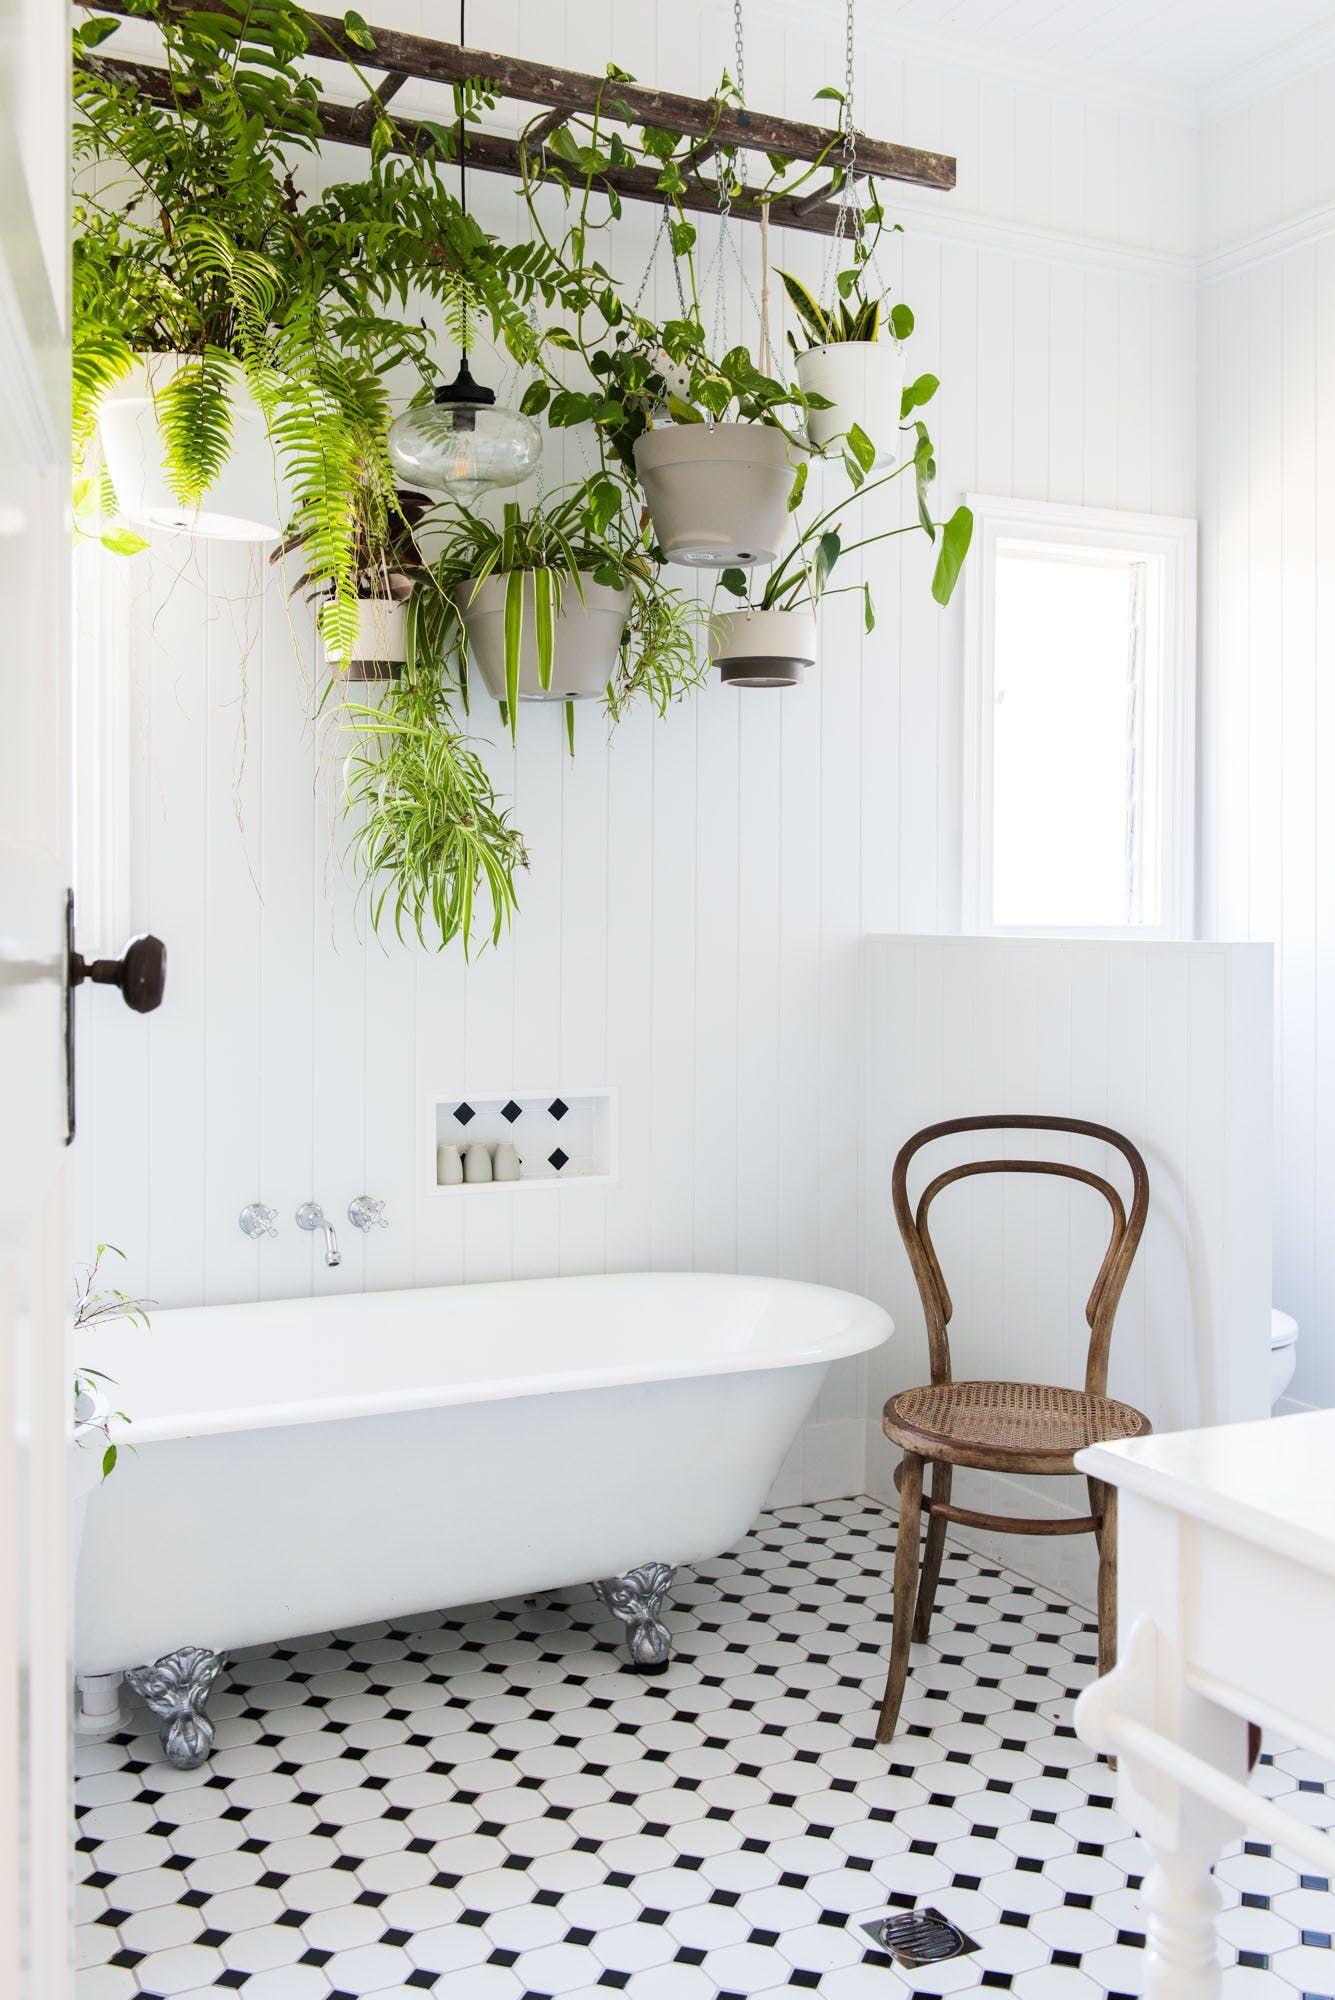 Trends die bleiben zimmerpflanzen lilaliv i n t e r i o r for Zimmerpflanzen ideen